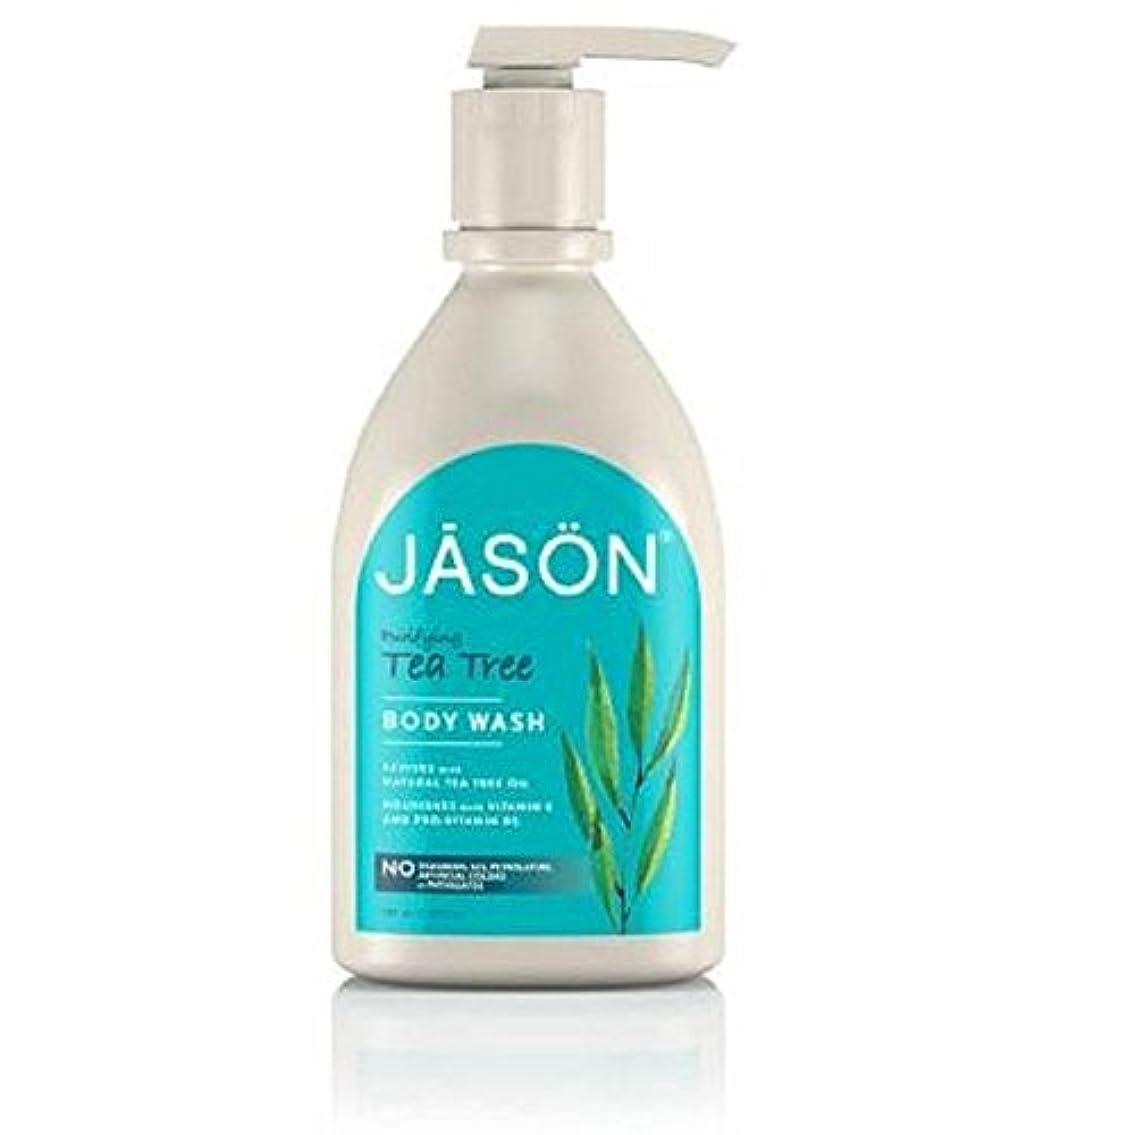 定規ソーセージ歌うジェイソン?ティーツリーサテンボディウォッシュポンプ900ミリリットル x2 - Jason Tea Tree Satin Body Wash Pump 900ml (Pack of 2) [並行輸入品]